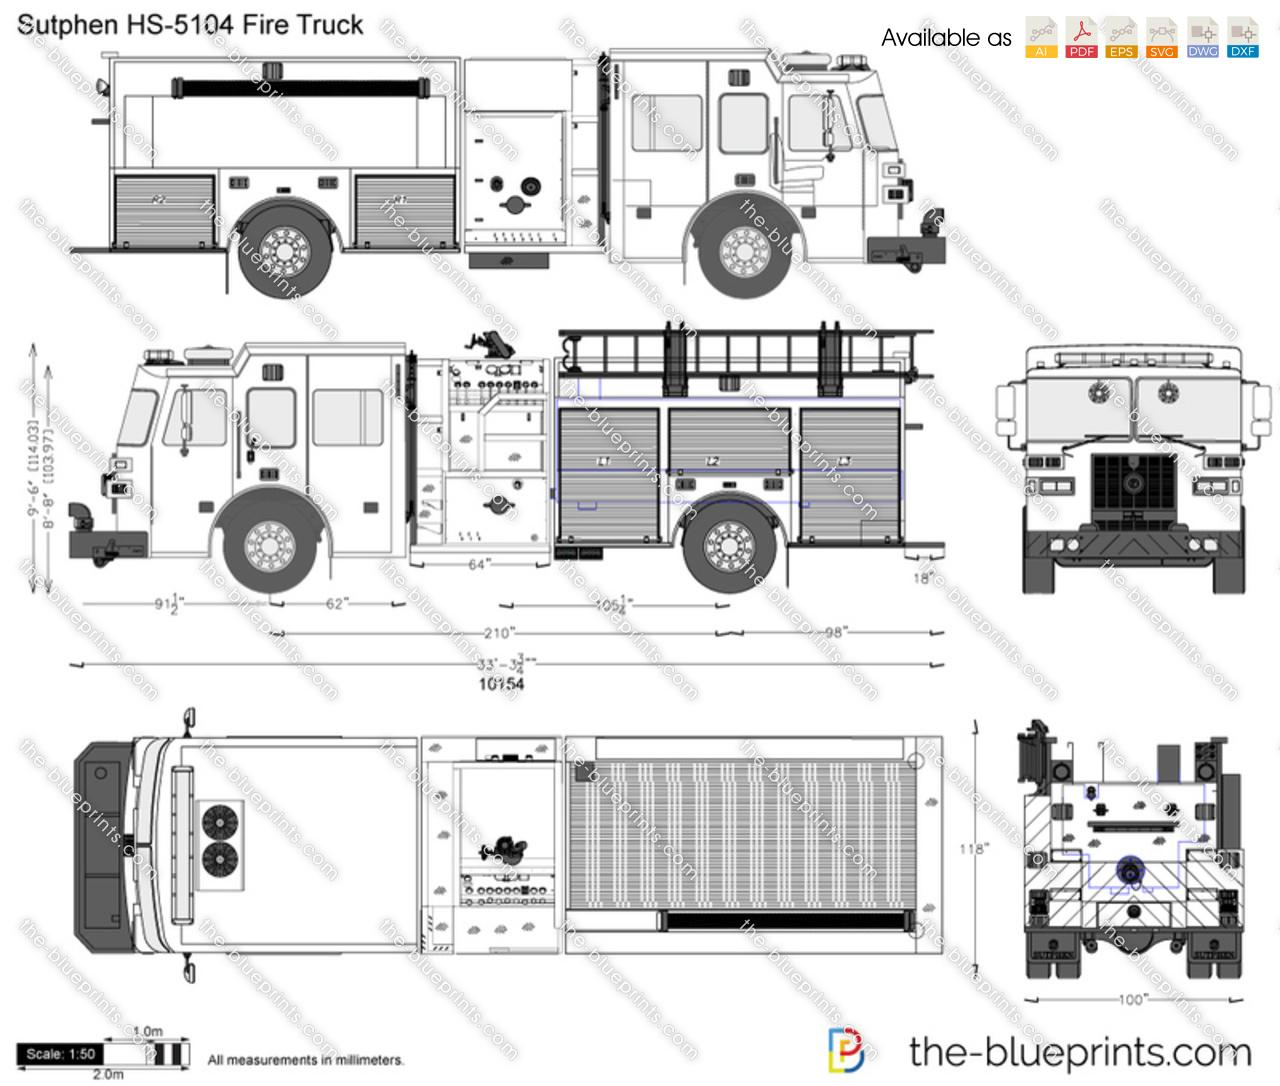 Sutphen HS-5104 Fire Truck vector drawing